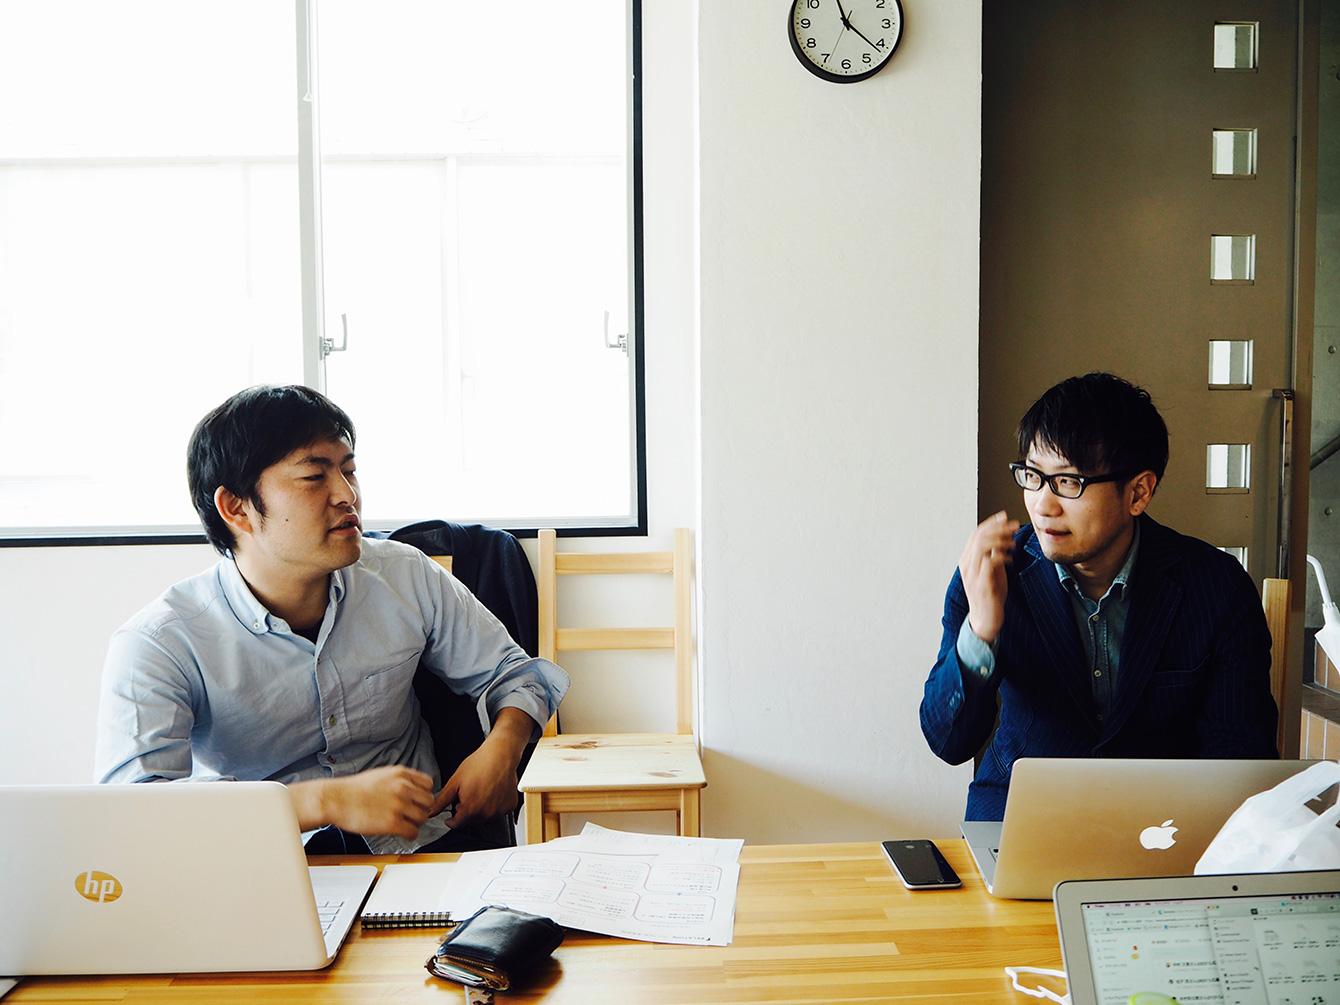 社内MTGでの、前田と穴井の様子。